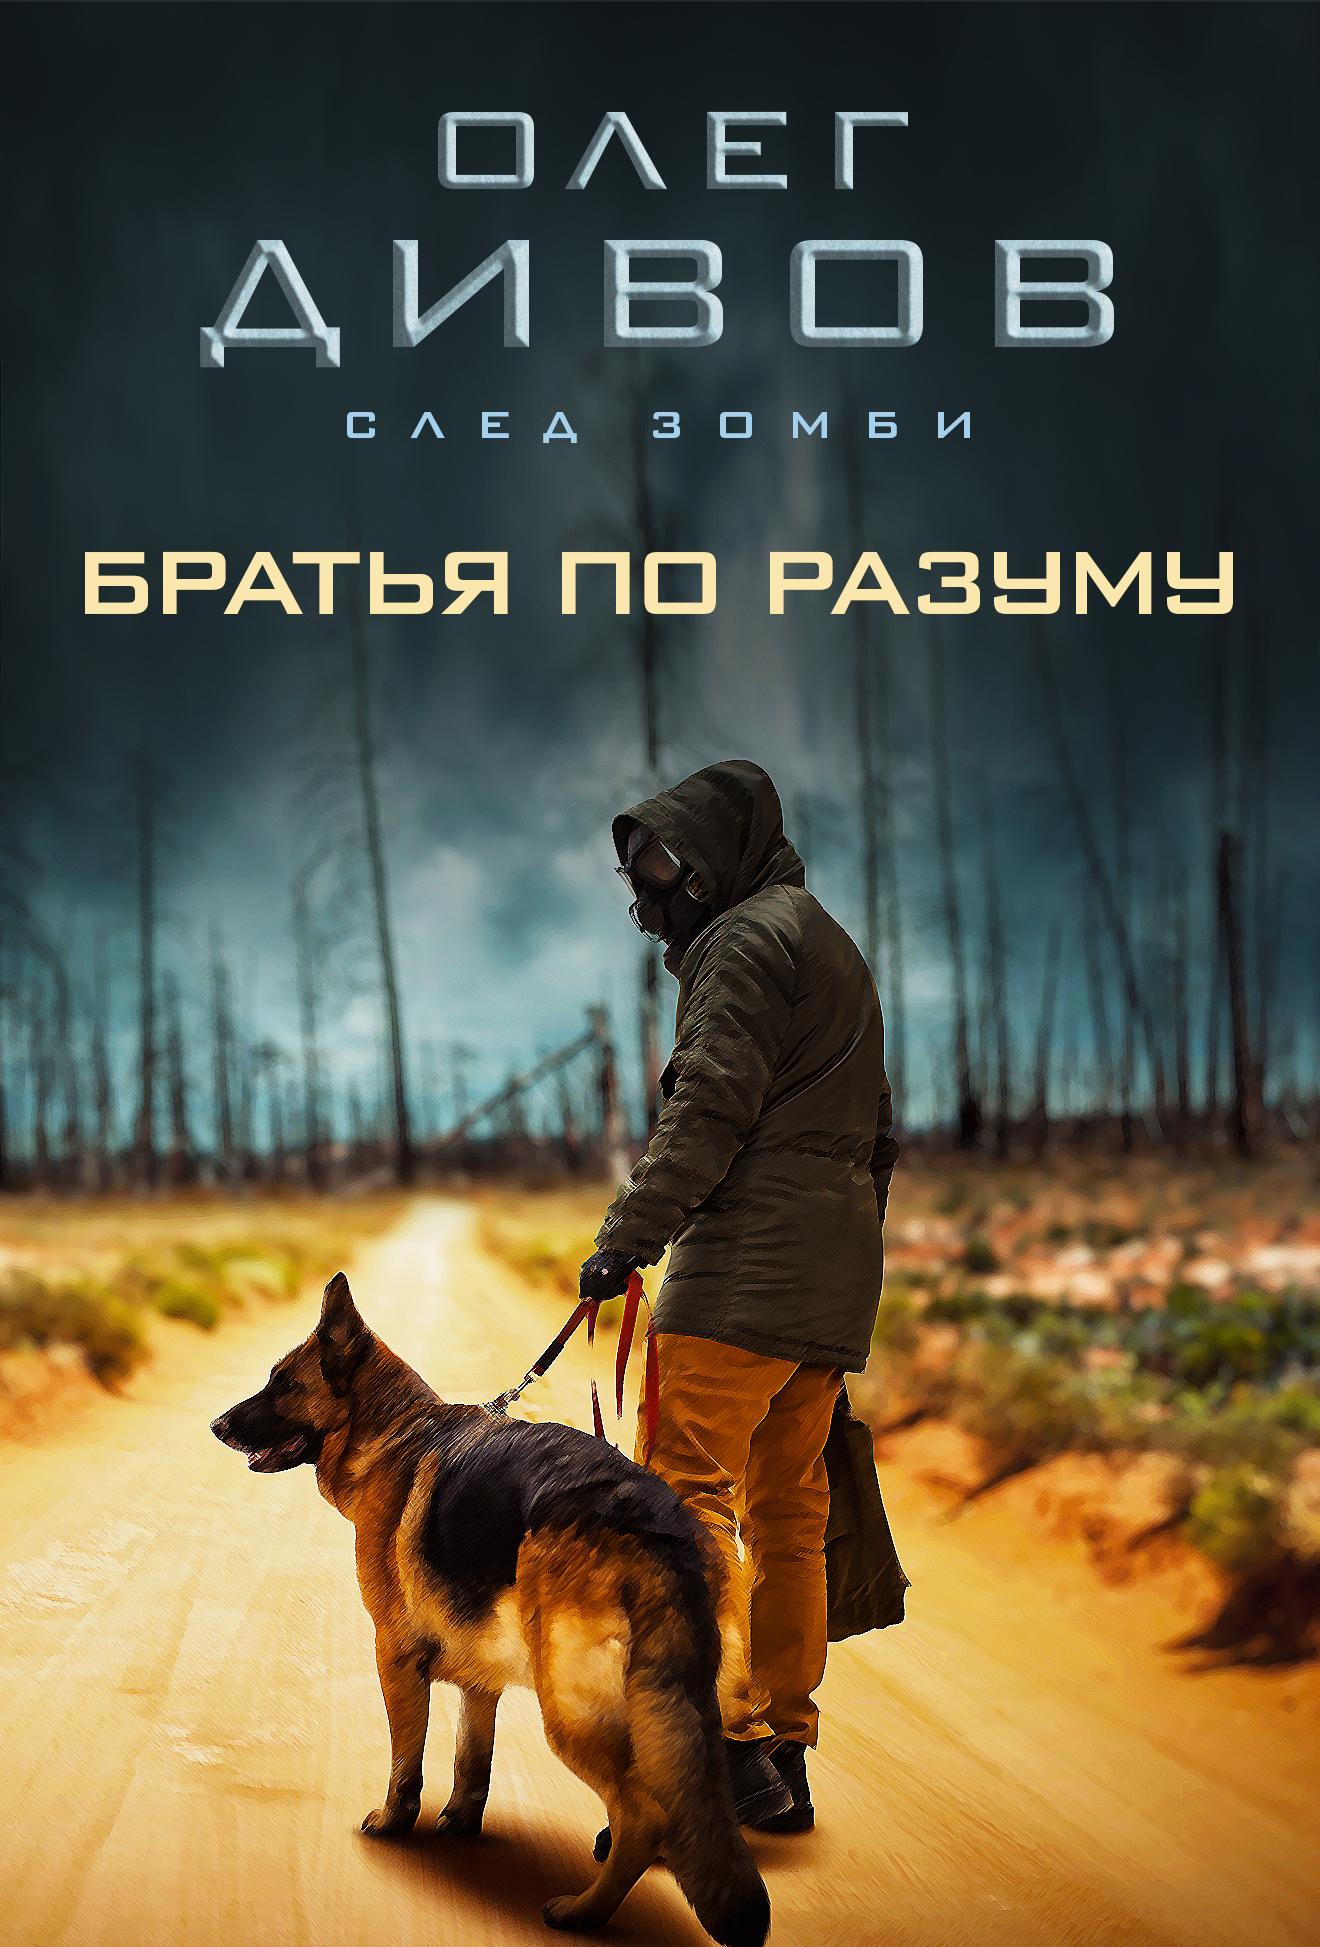 Олег Дивов «Братья по разуму»